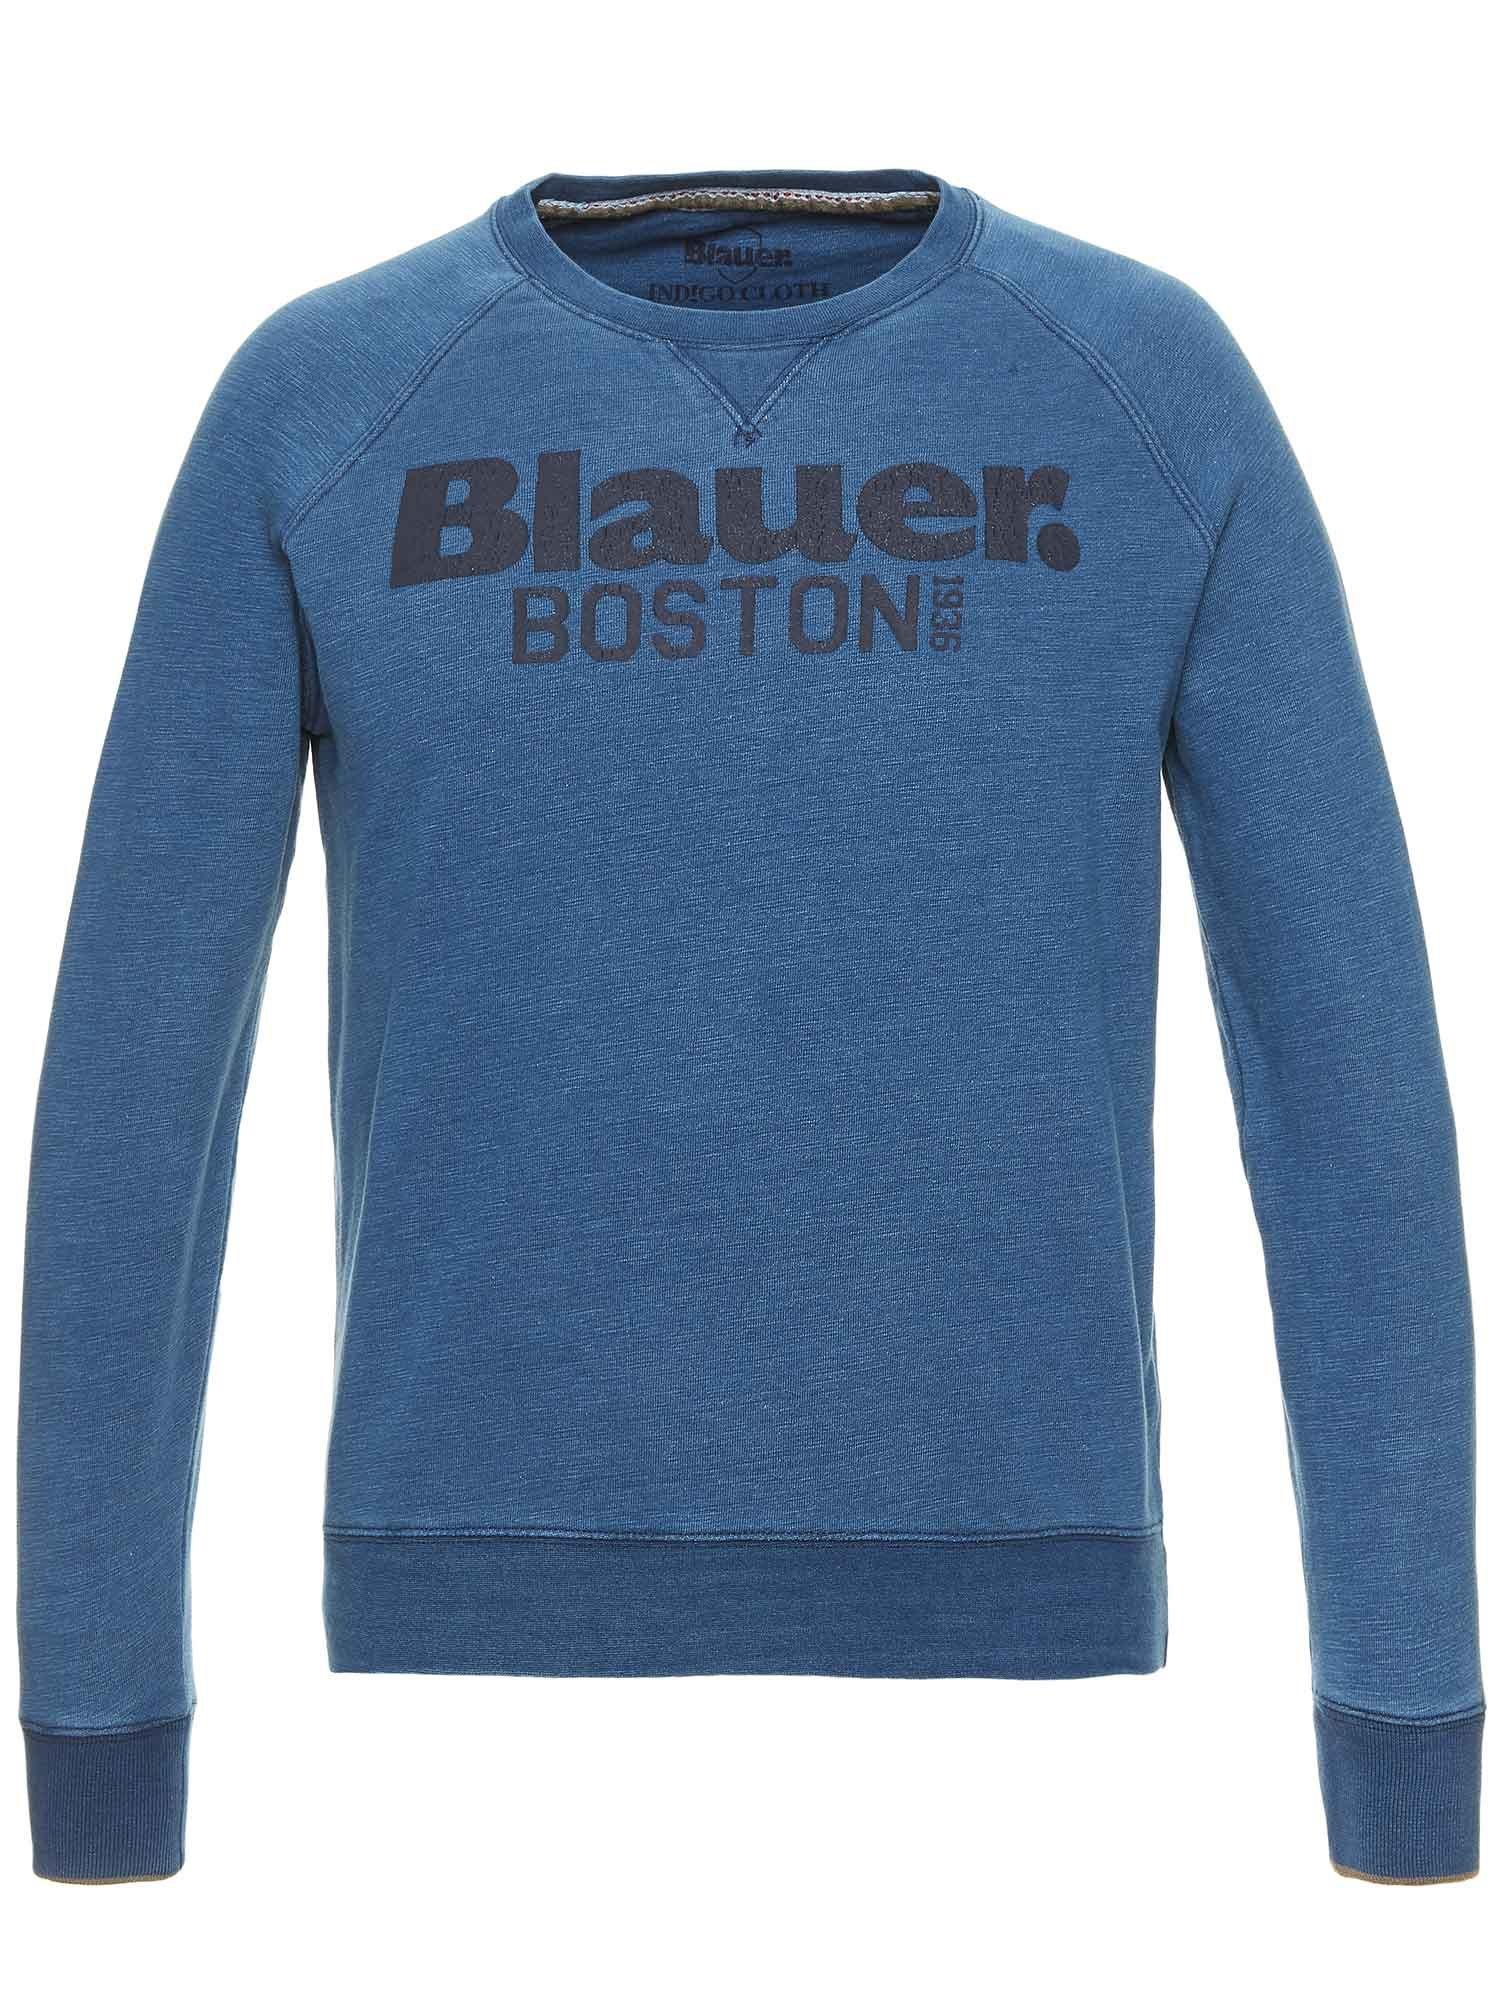 BOSTON 1936 CREW NECK SWEATSHIRT - Blauer